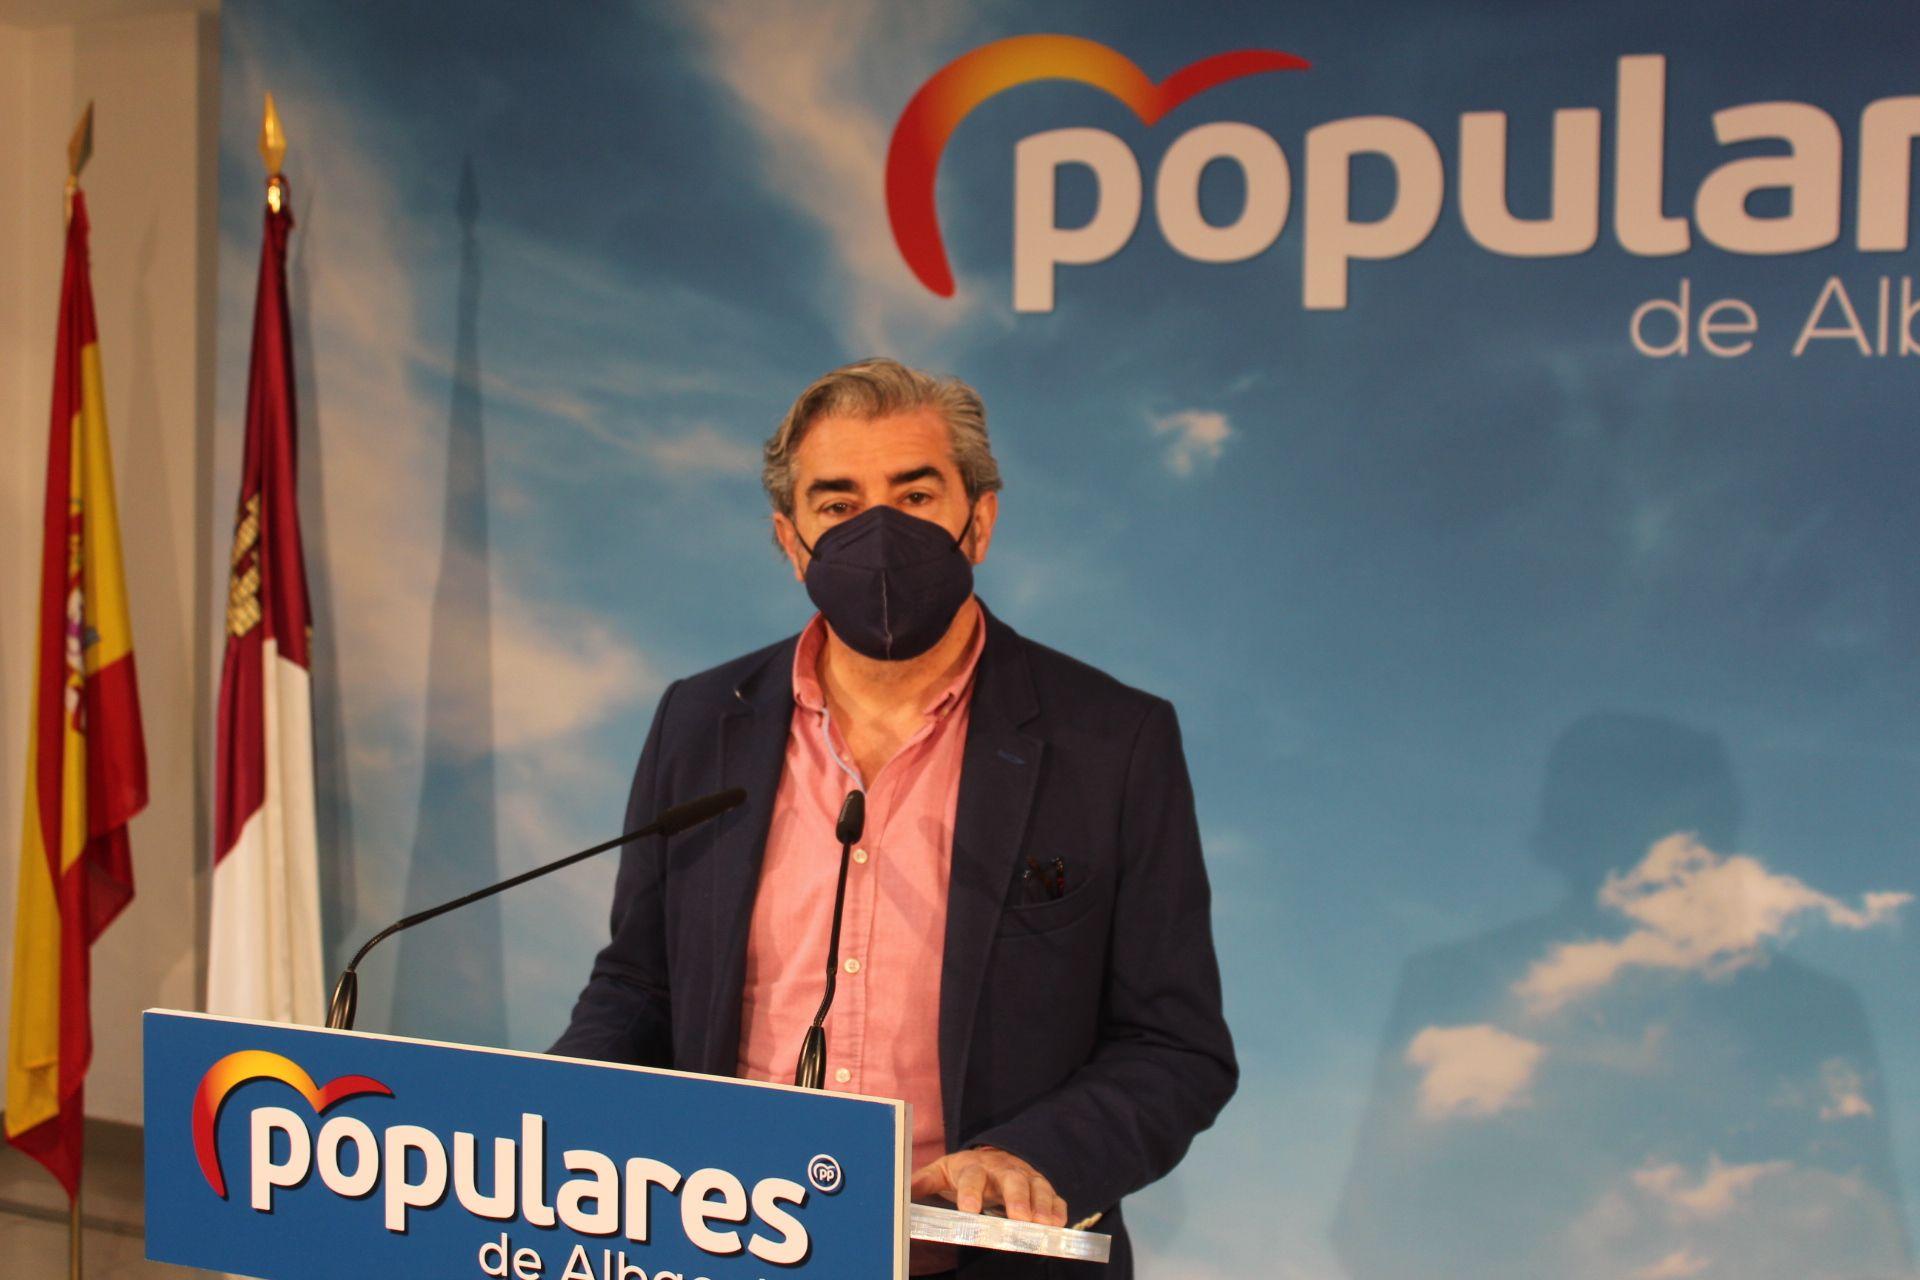 Ramón Rodríguez alerta sobre la sangría económica para Albacete que supondrá el pago por circular por la red de Autovías, tal y como pretende el Gobierno de PSOE-Podemos